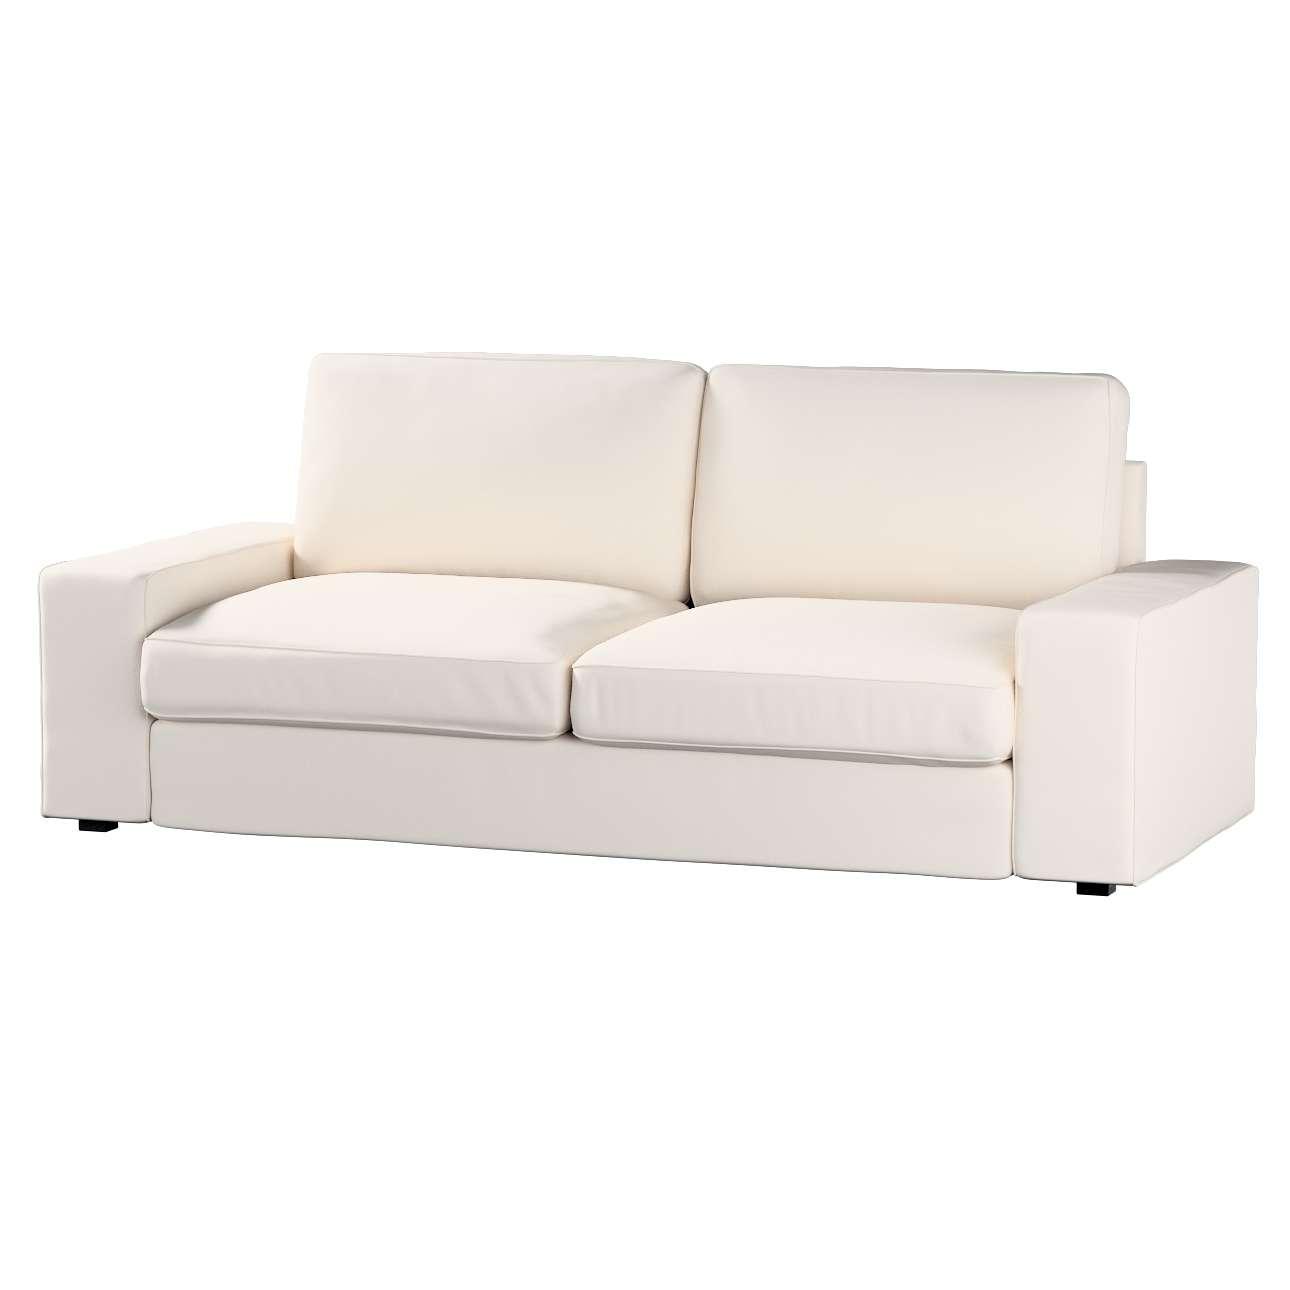 Kivik 3-Sitzer Sofabezug, naturweiß, Sofa Kivik 3-Sitzer, Etna